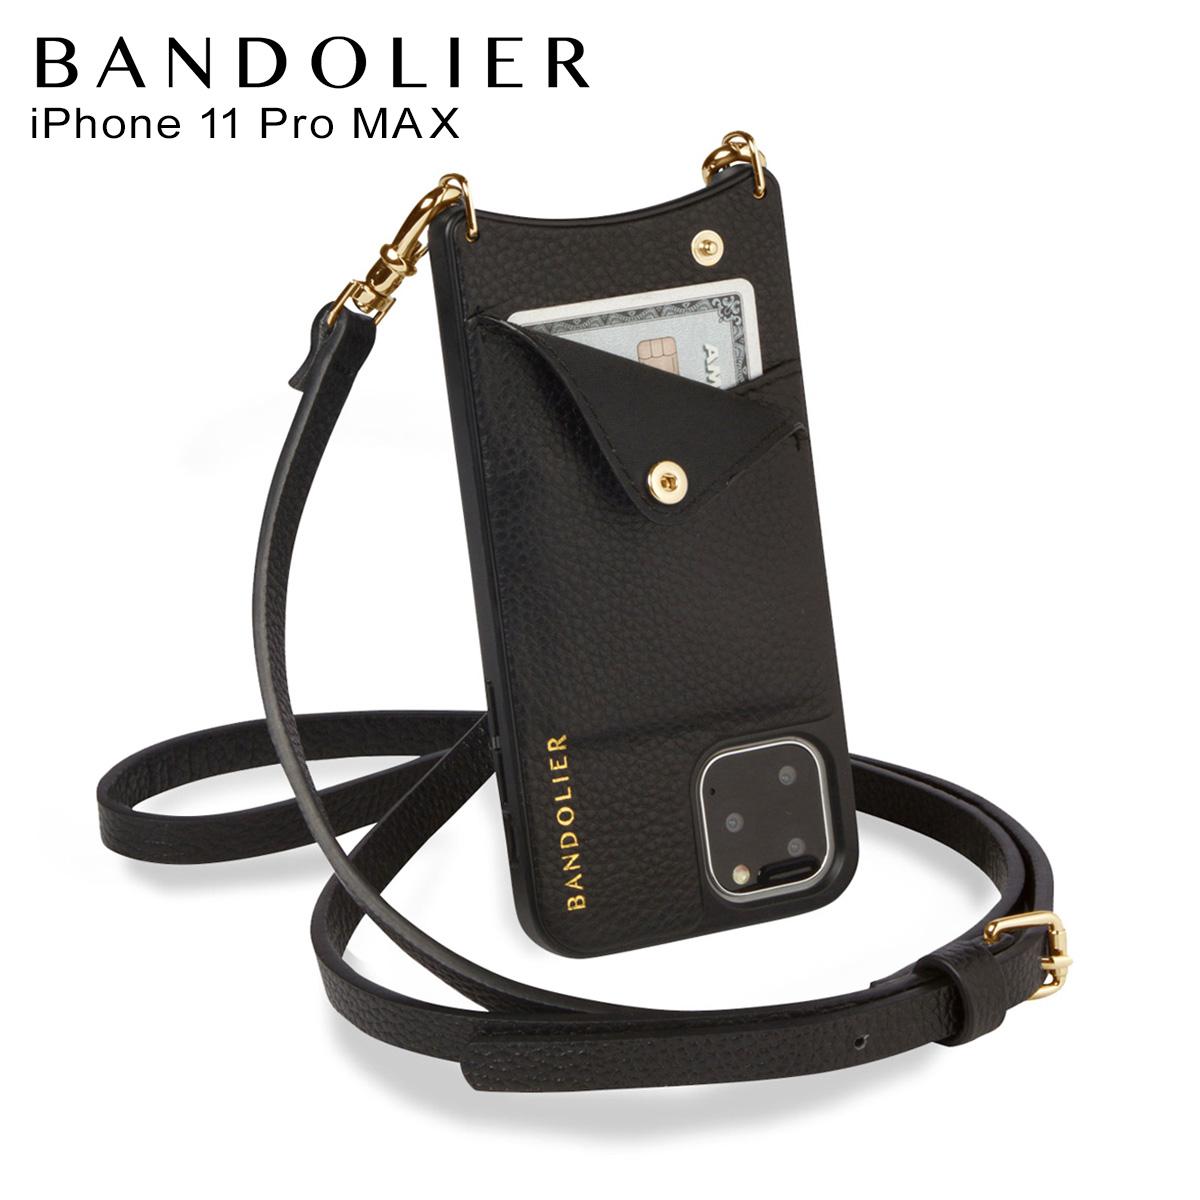 バンドリヤー BANDOLIER エマ ゴールド iPhone11 Pro MAX ケース スマホ 携帯 ショルダー アイフォン メンズ レディース EMMA GOLD ブラック 黒 2900 [12月上旬 新入荷]